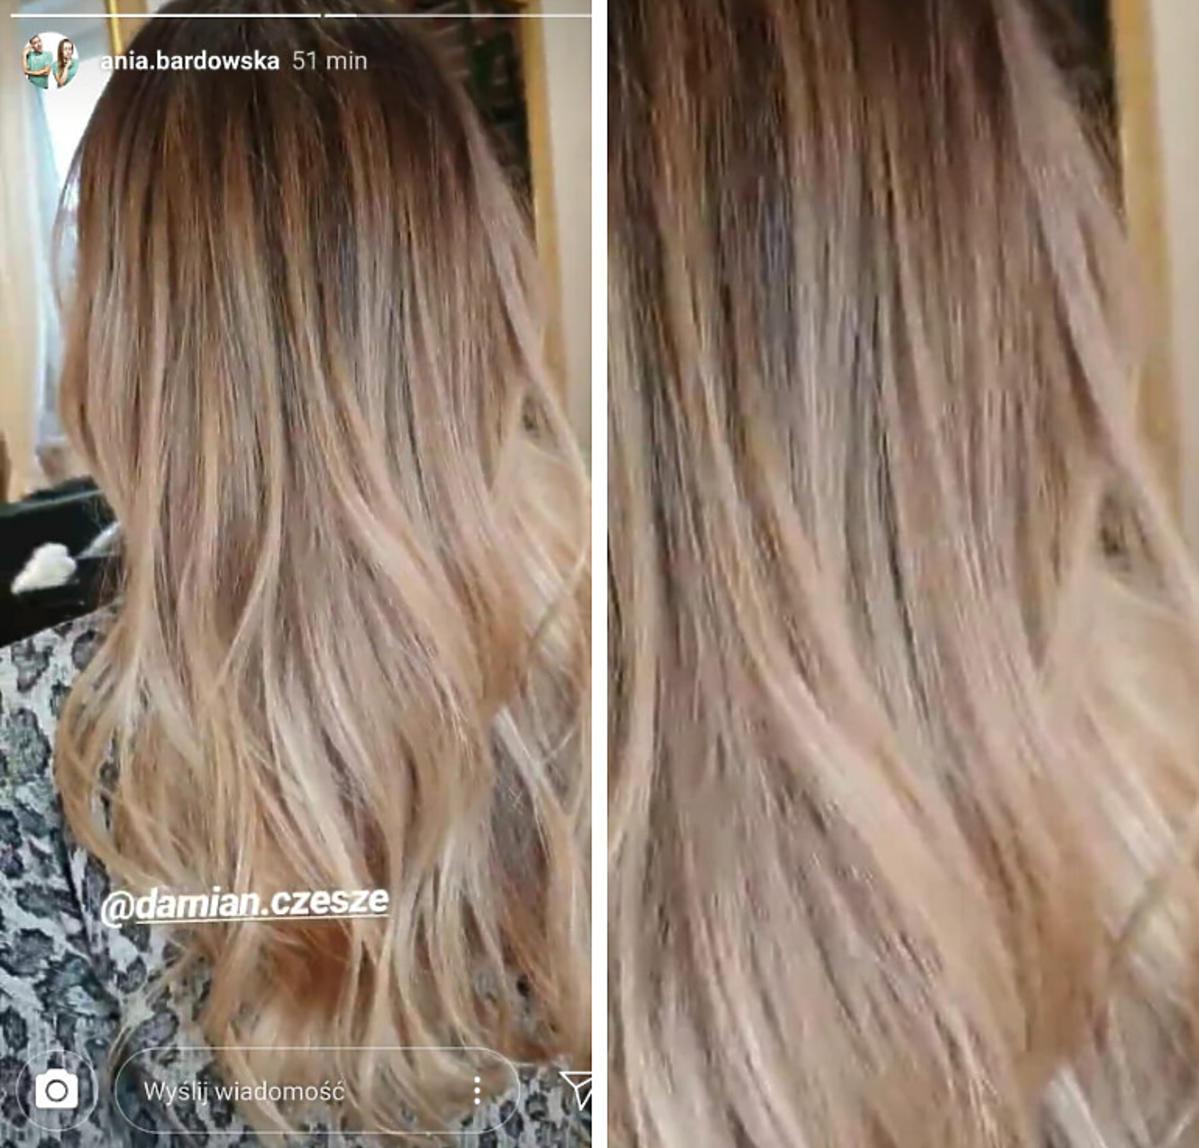 Ania Bardowska pokazała jaki ma kolor włosó